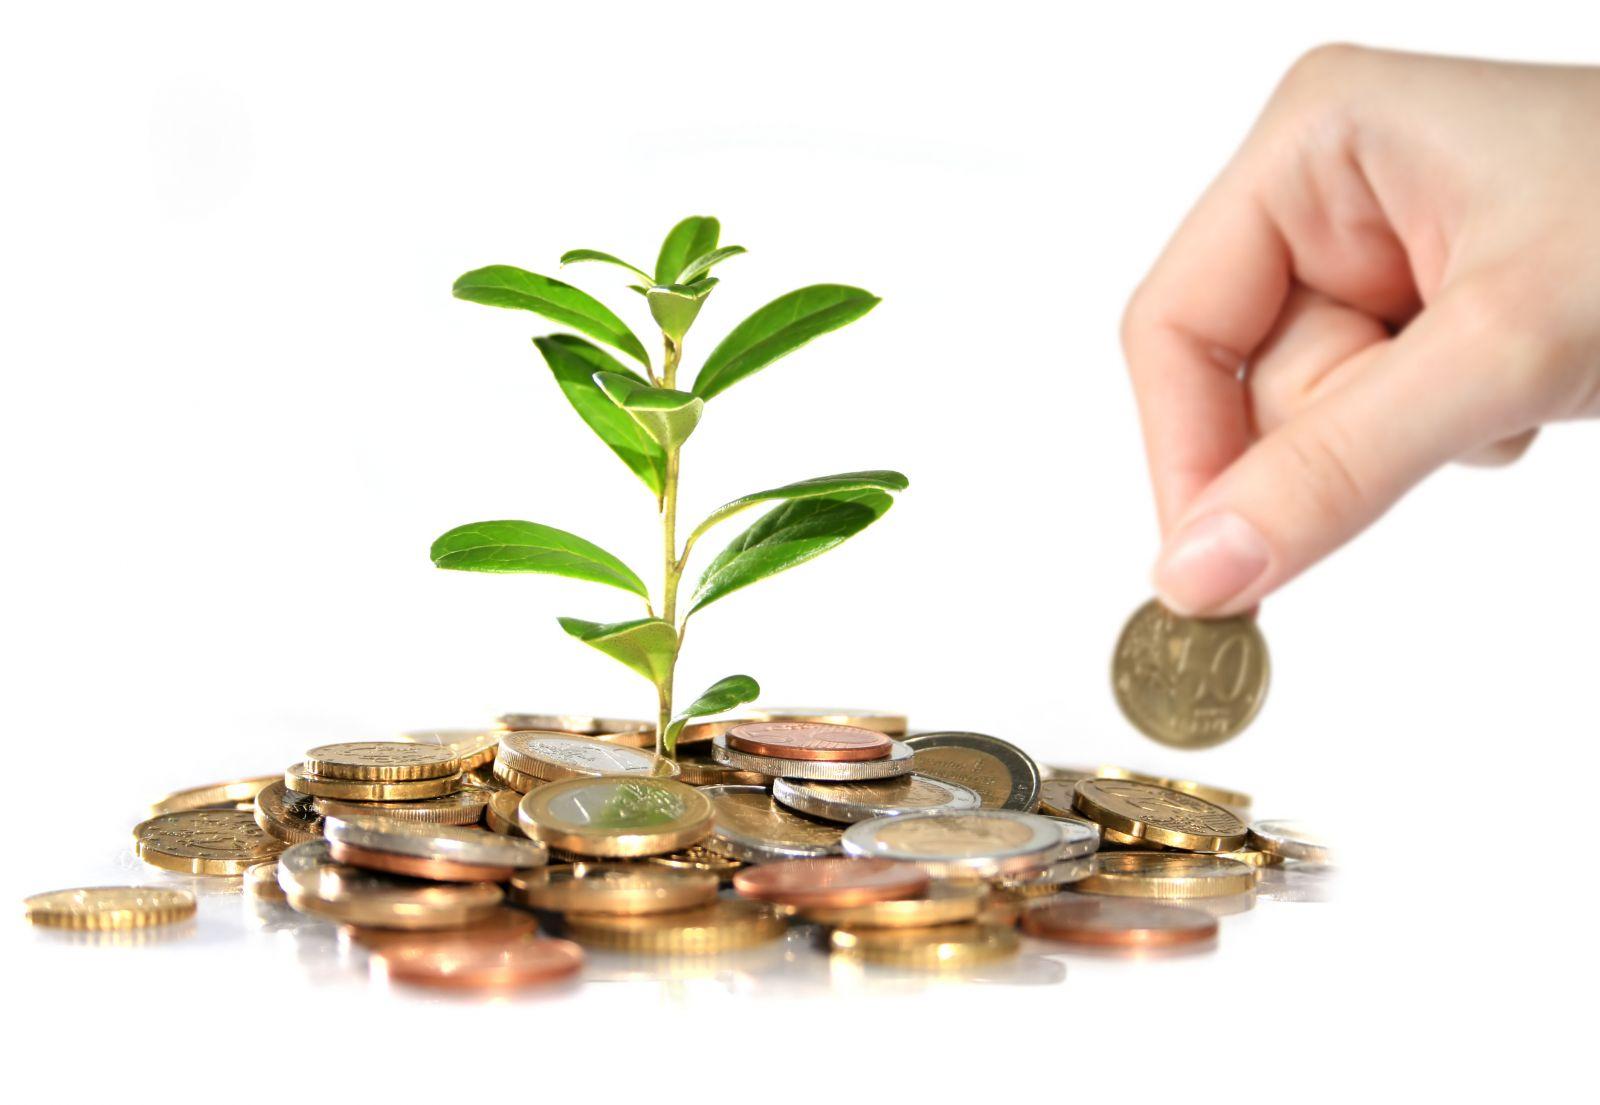 Principios Básicos para Conseguir y Mantener una Óptima Salud Financiera